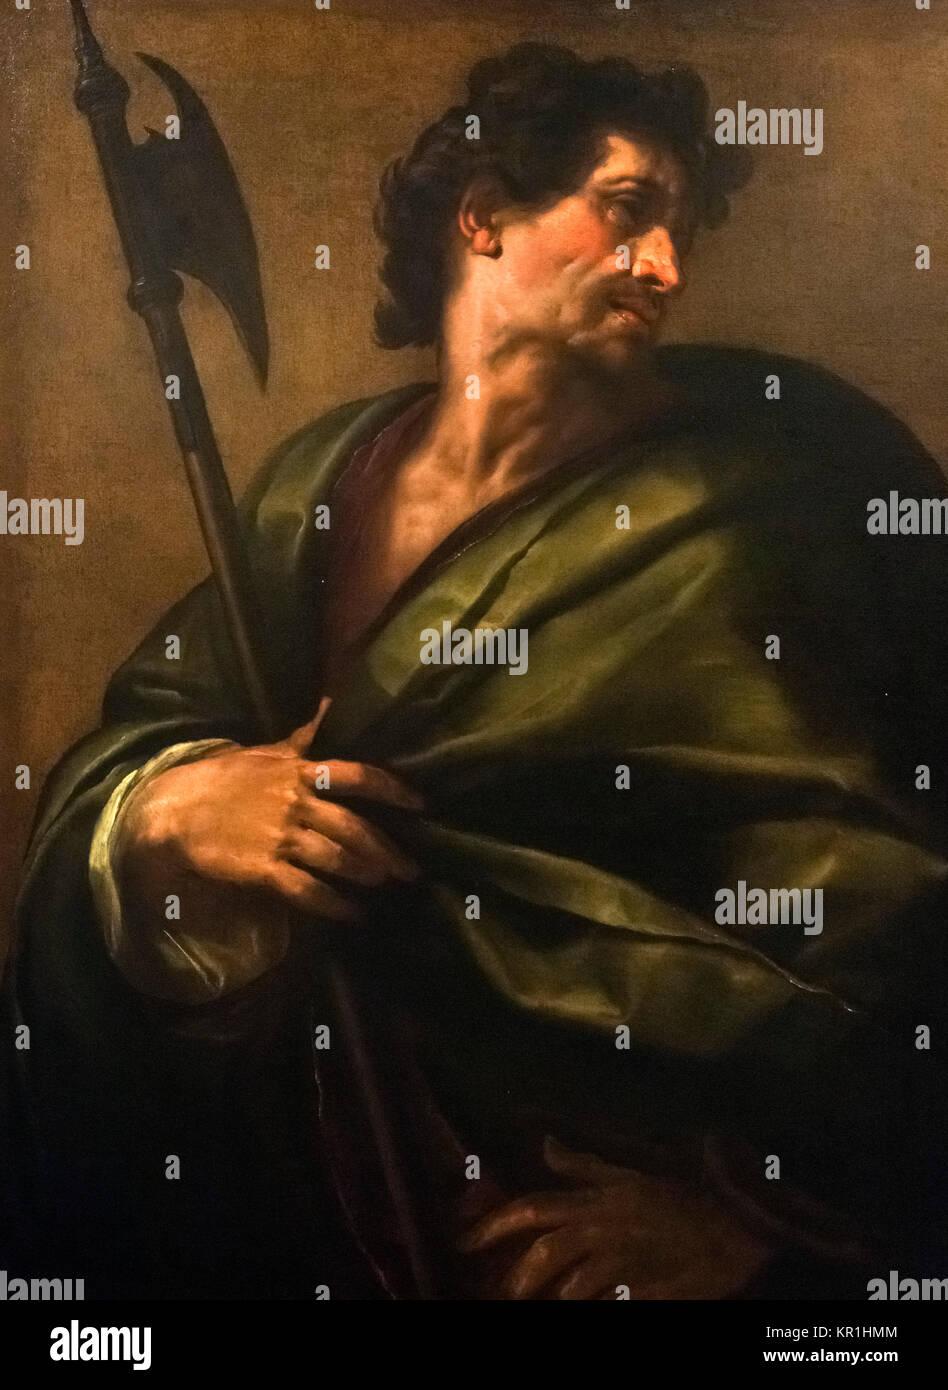 St Matthew the Apostle by Giulio Cesare Procaccini (1574-1625), 1621 - Stock Image